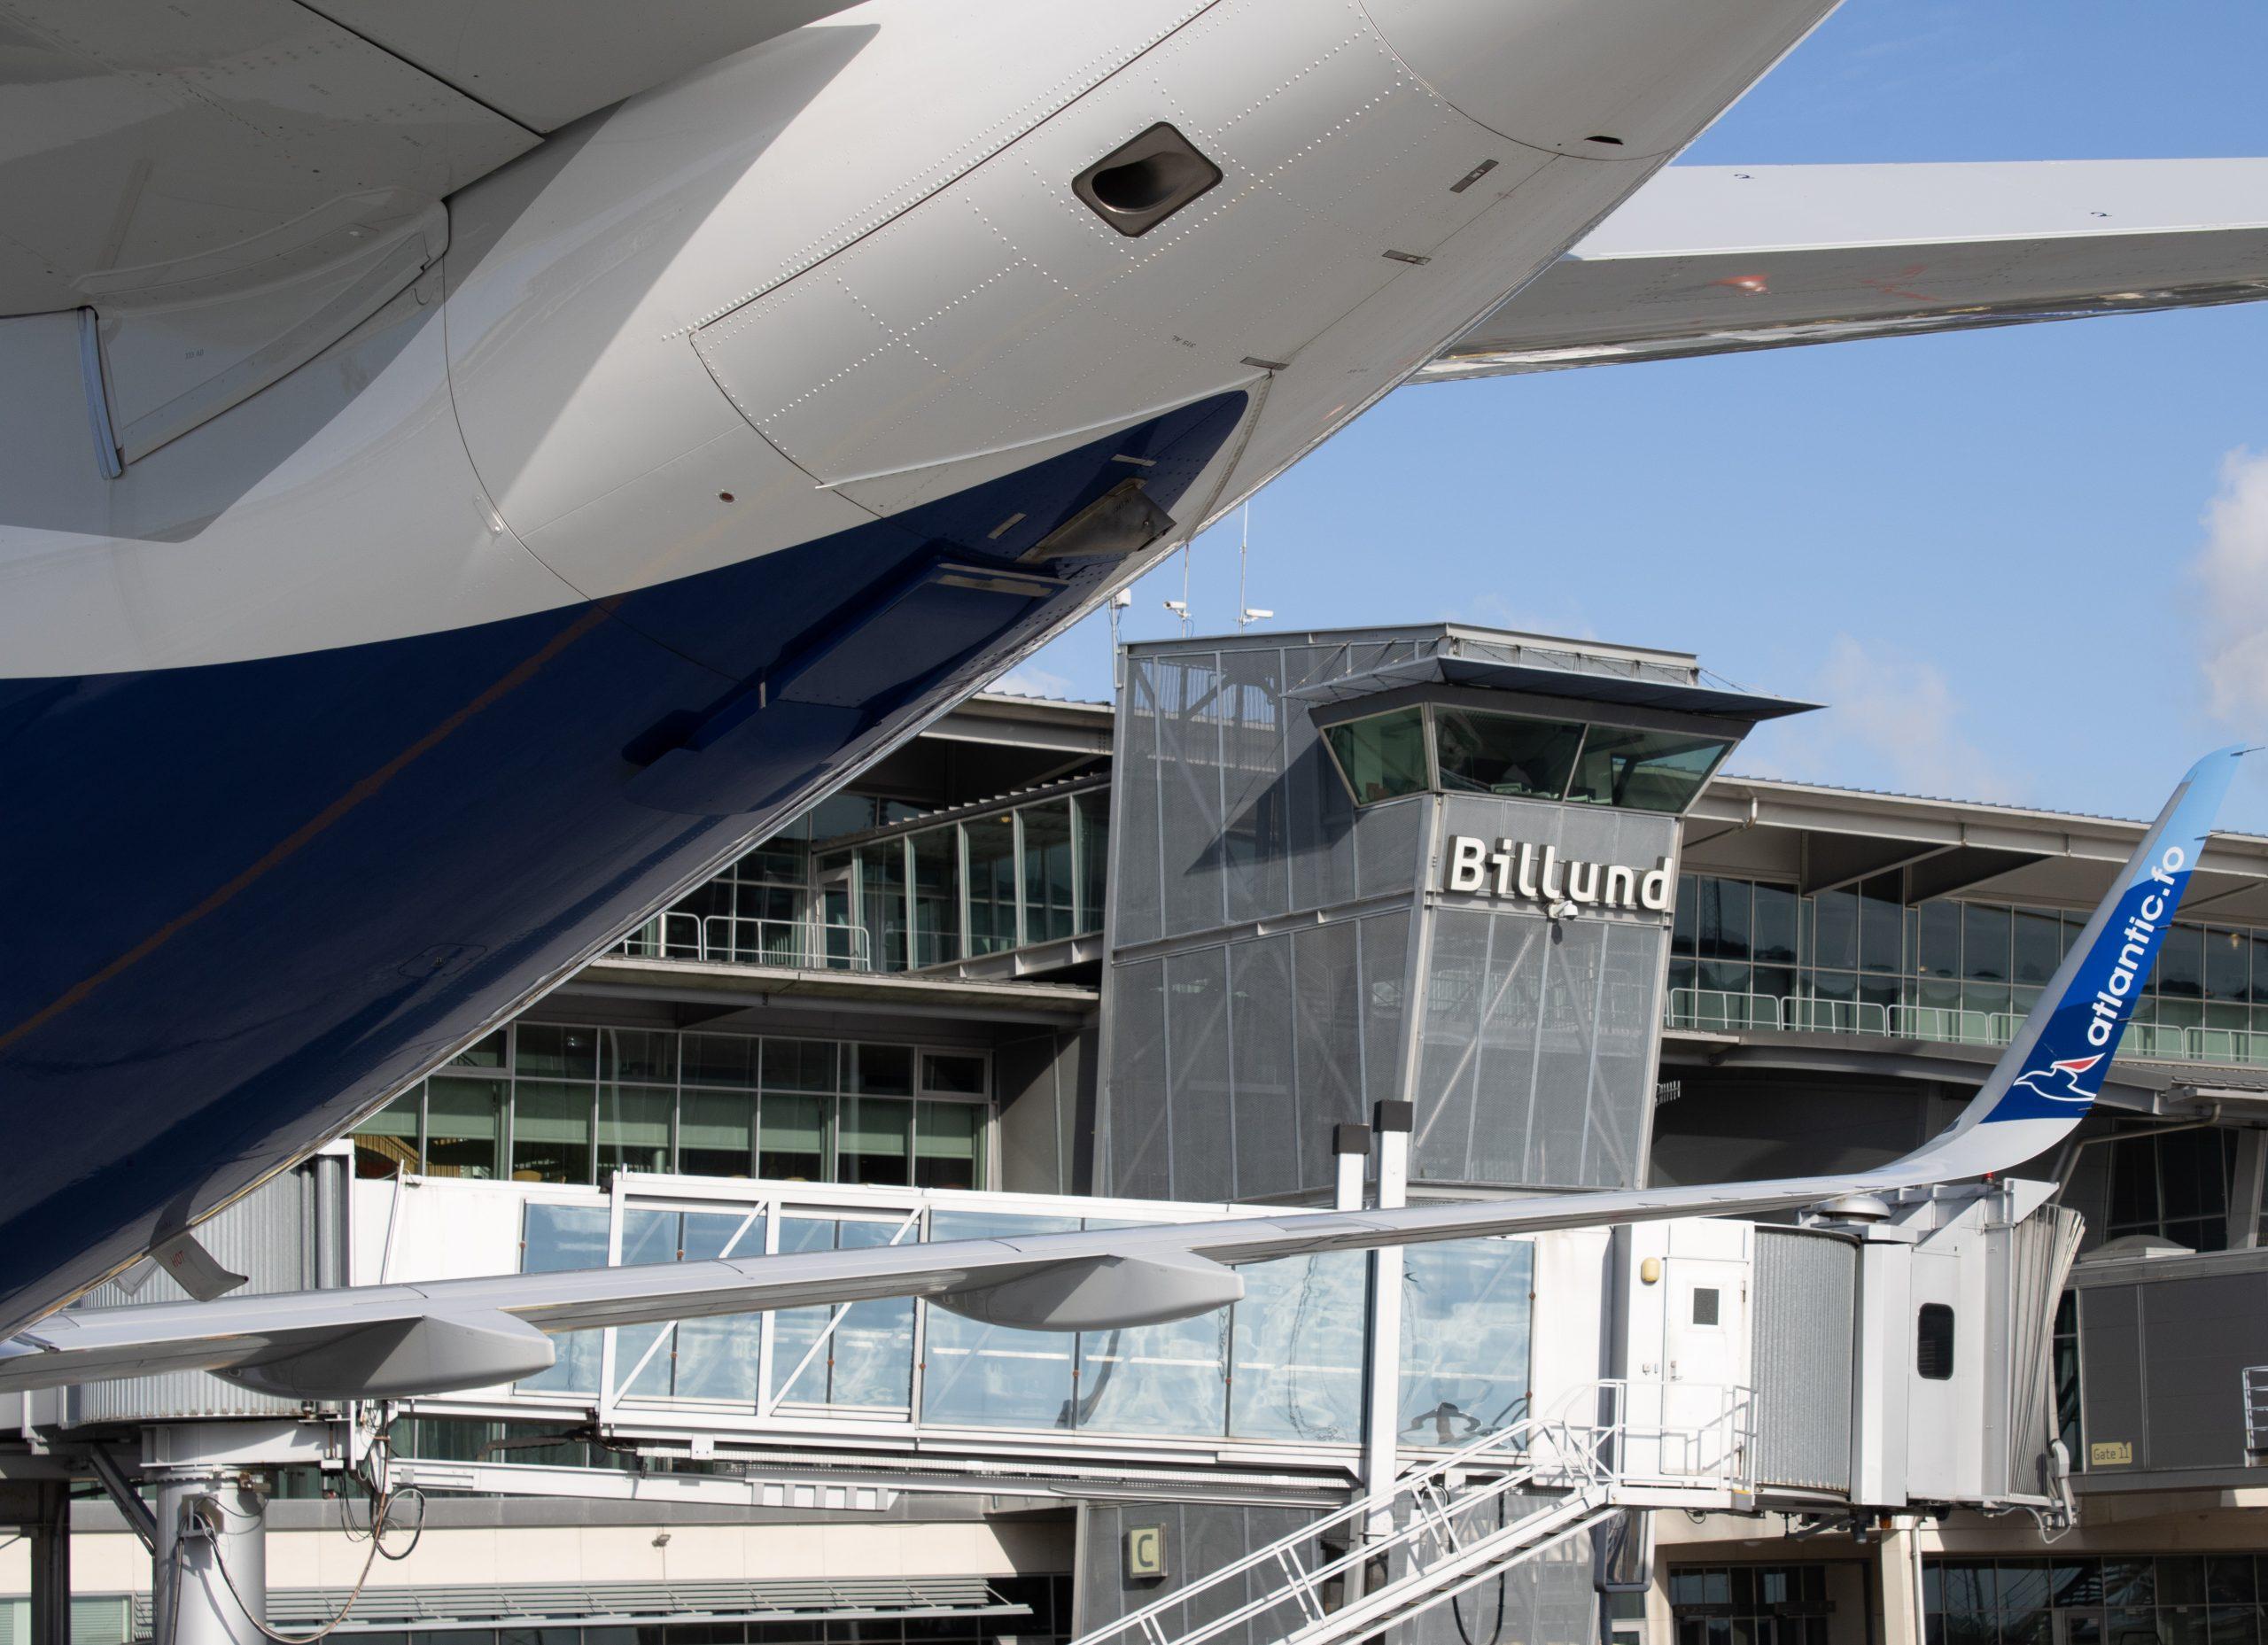 Fly fra Atlantic Airways i Billund Lufthavn. (Foto: Billund Lufthavn)